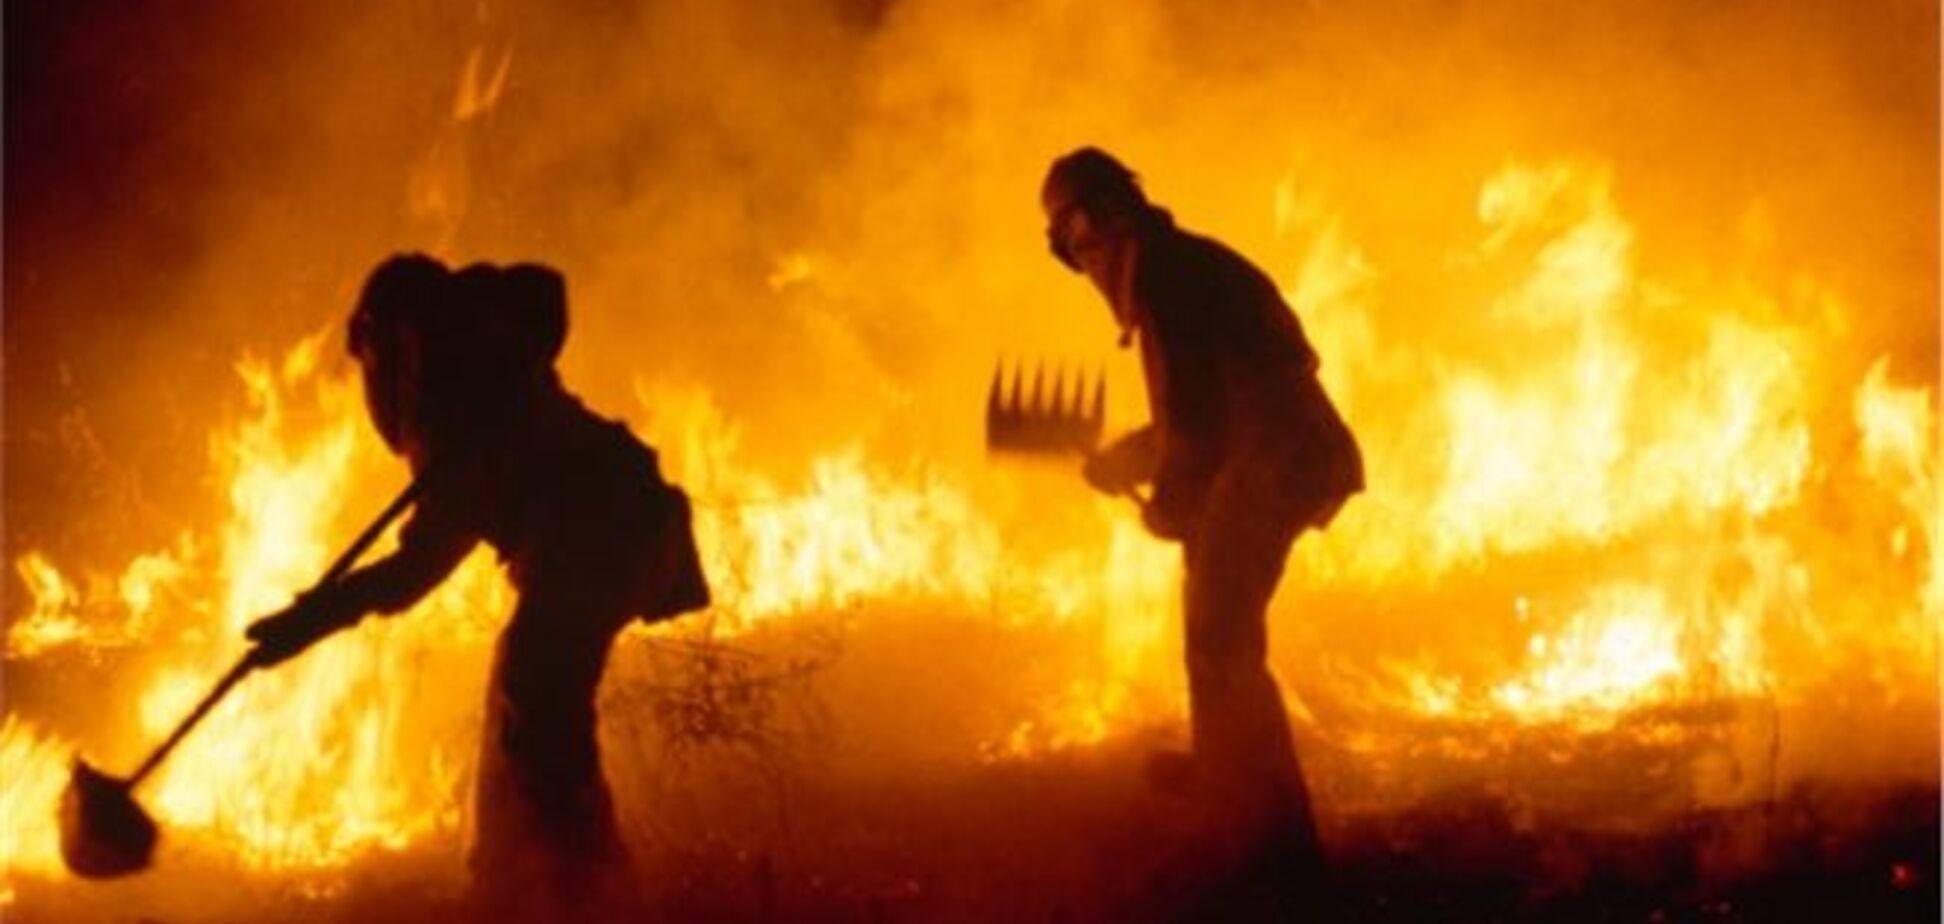 За добу в Україні сталося 84 пожежі